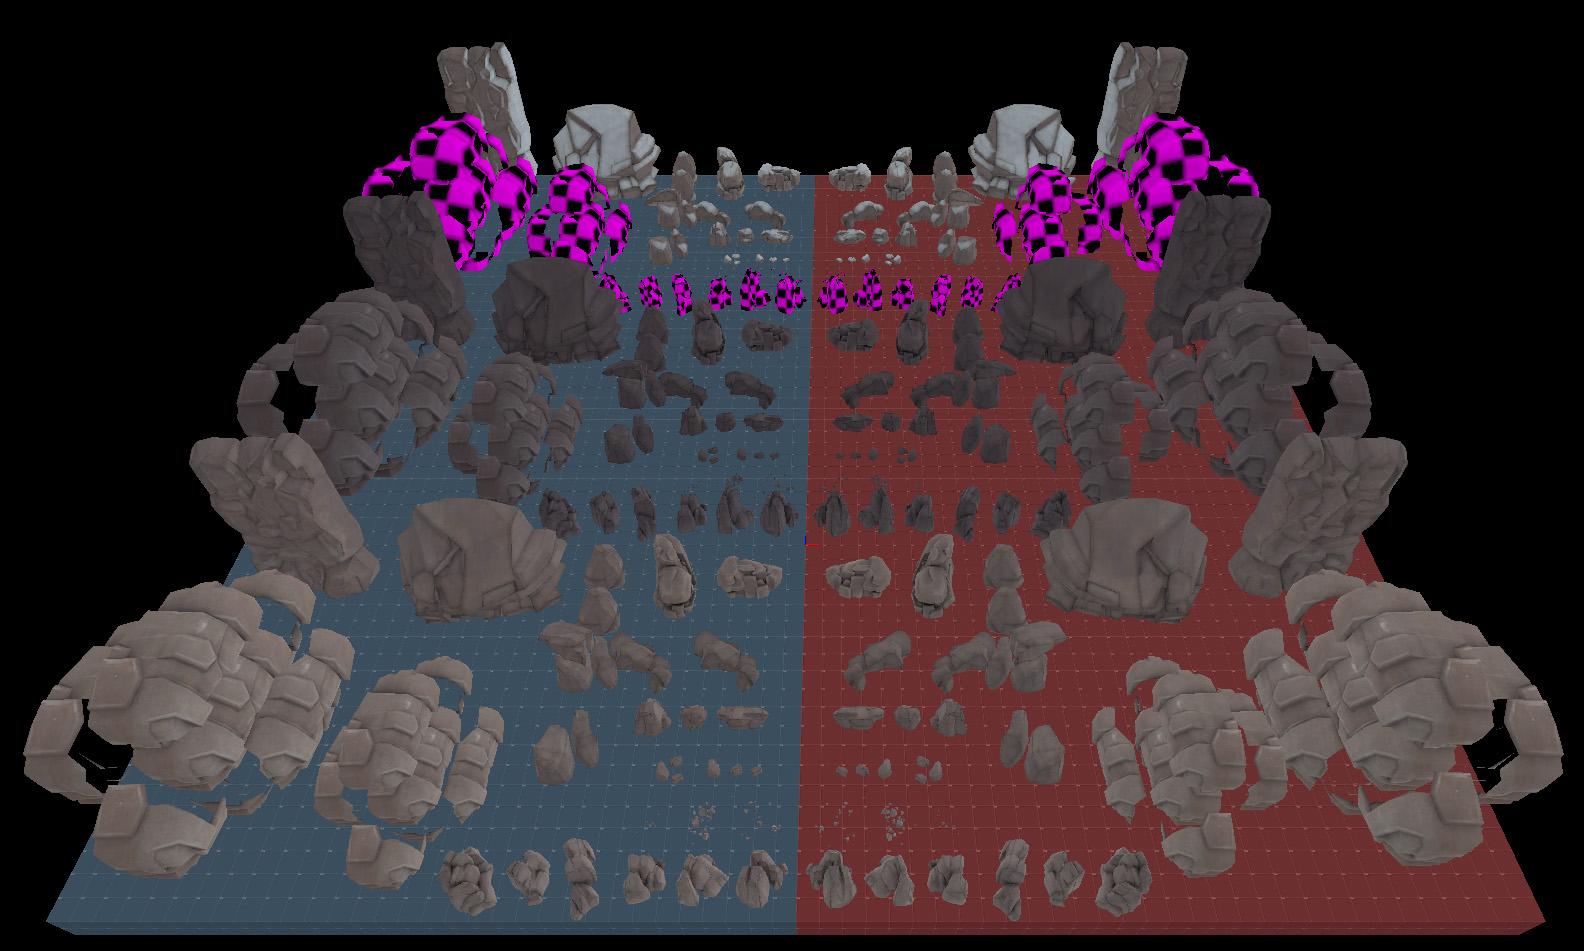 props_rocks.jpg